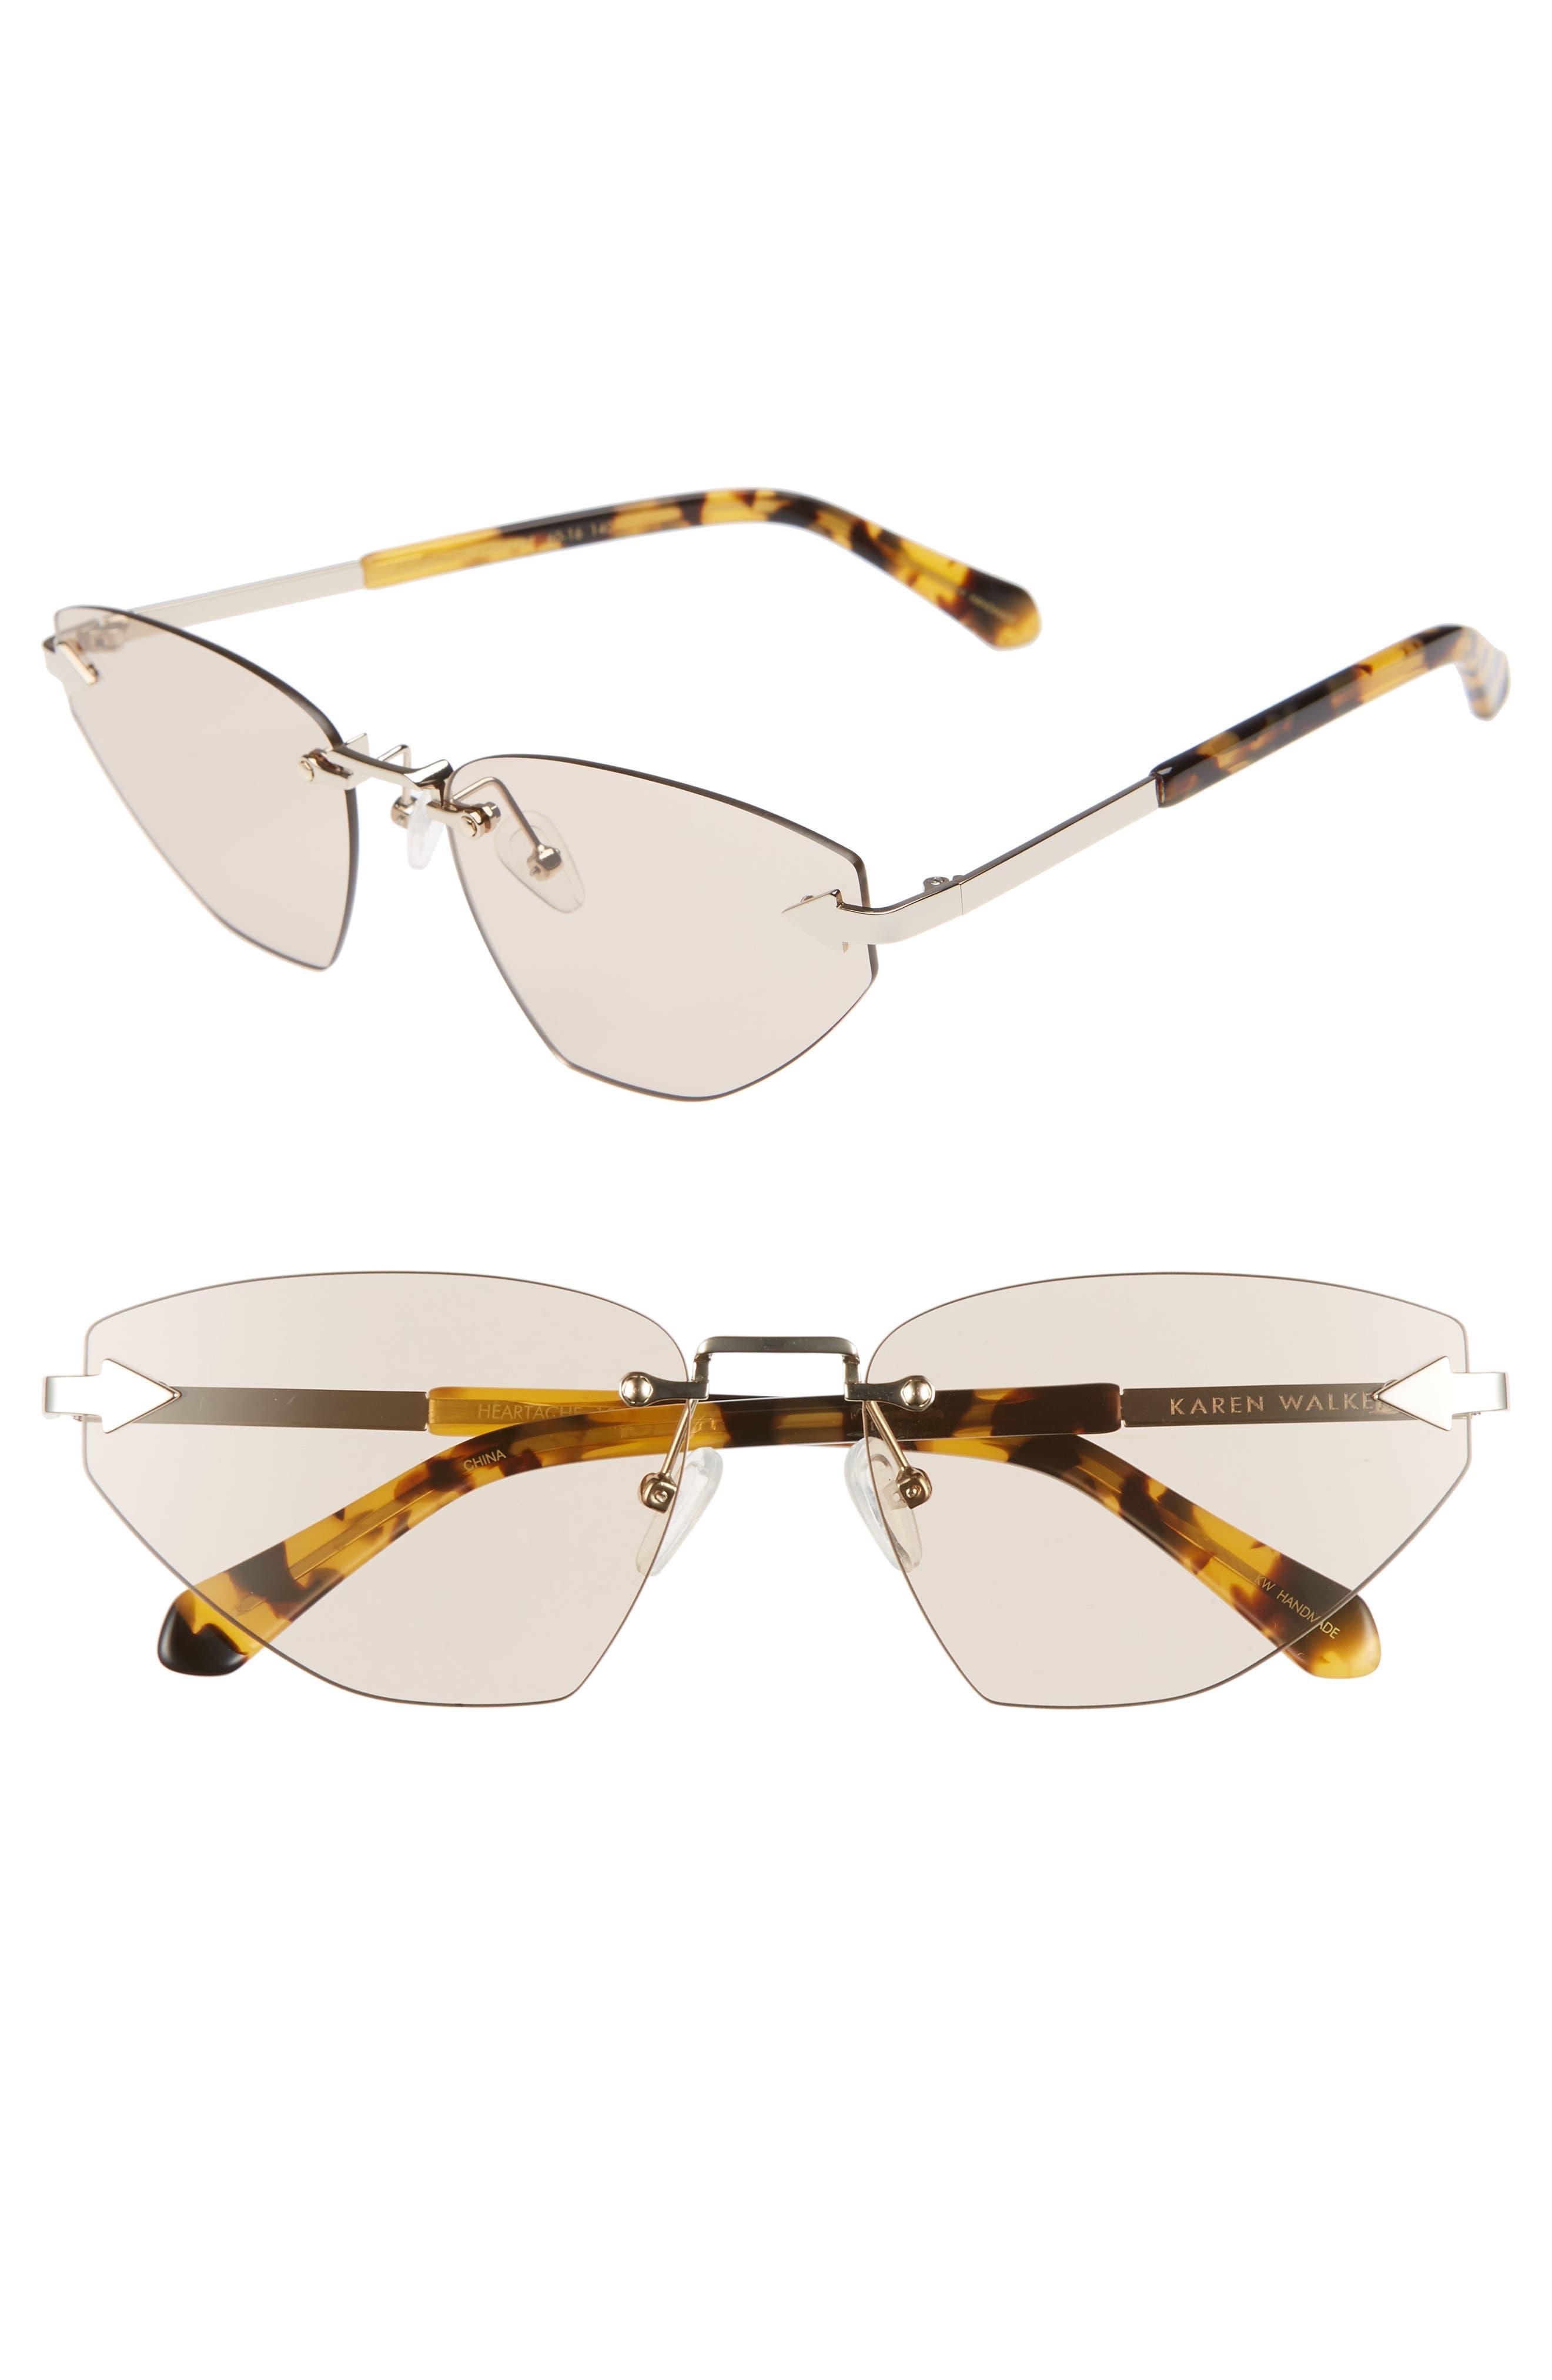 658877b7aac Karen Walker Sunglasses